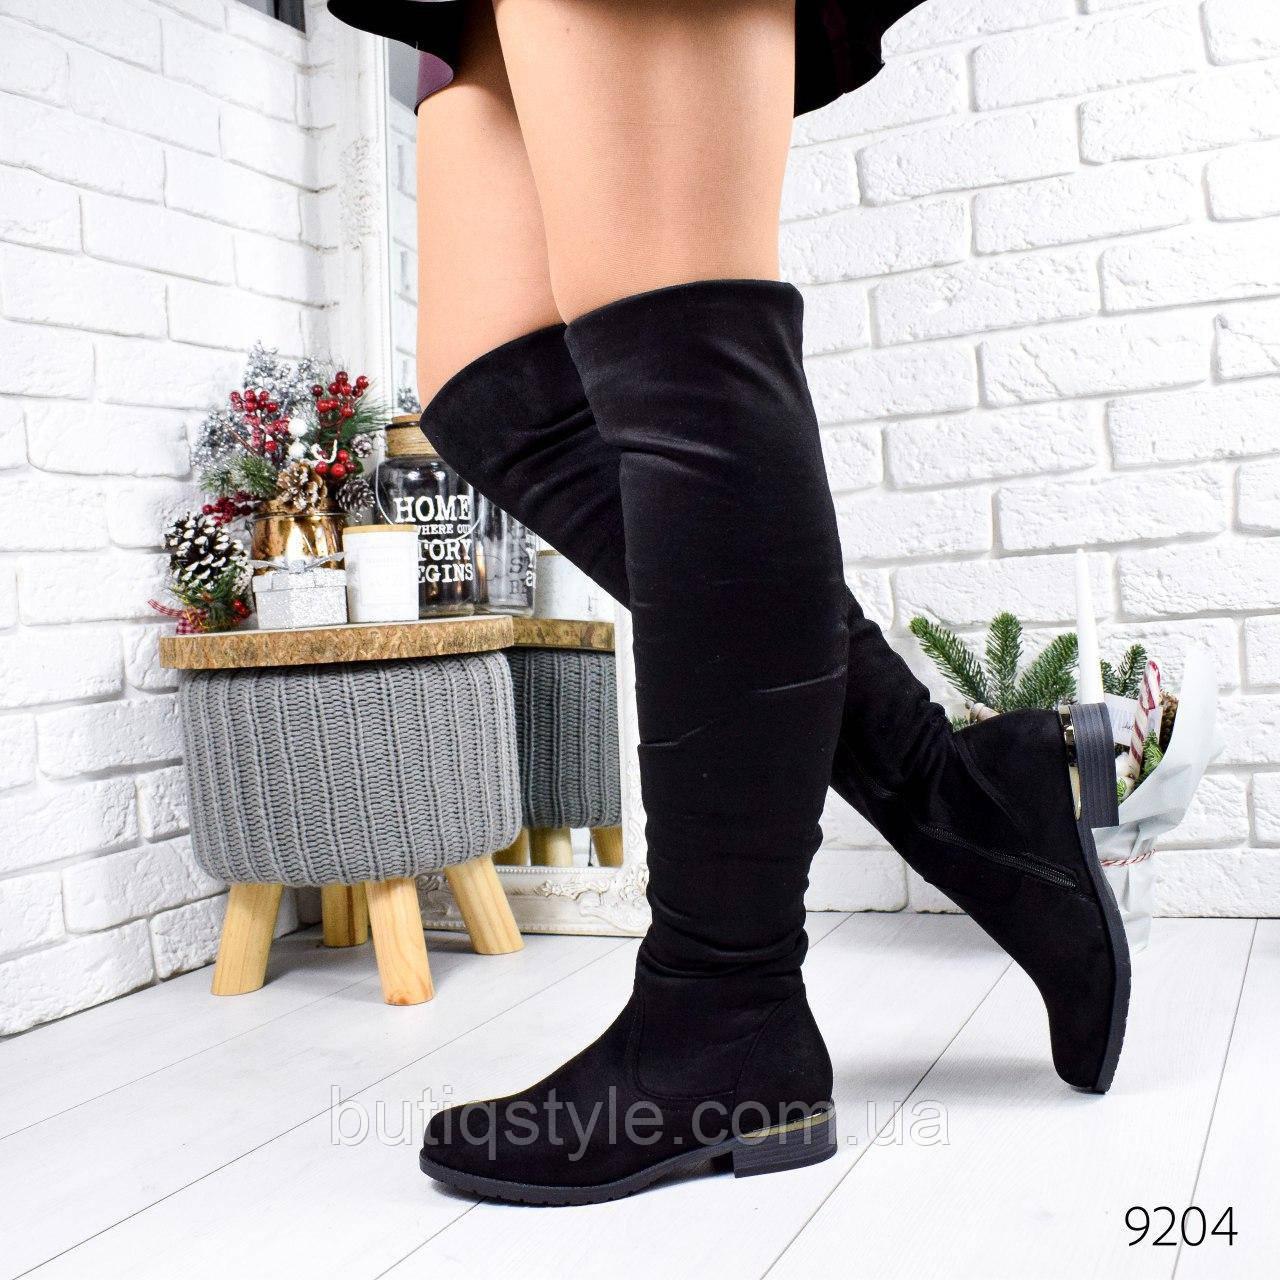 36 размер Черные женские ботфорты эко-замш на низком ходу Деми